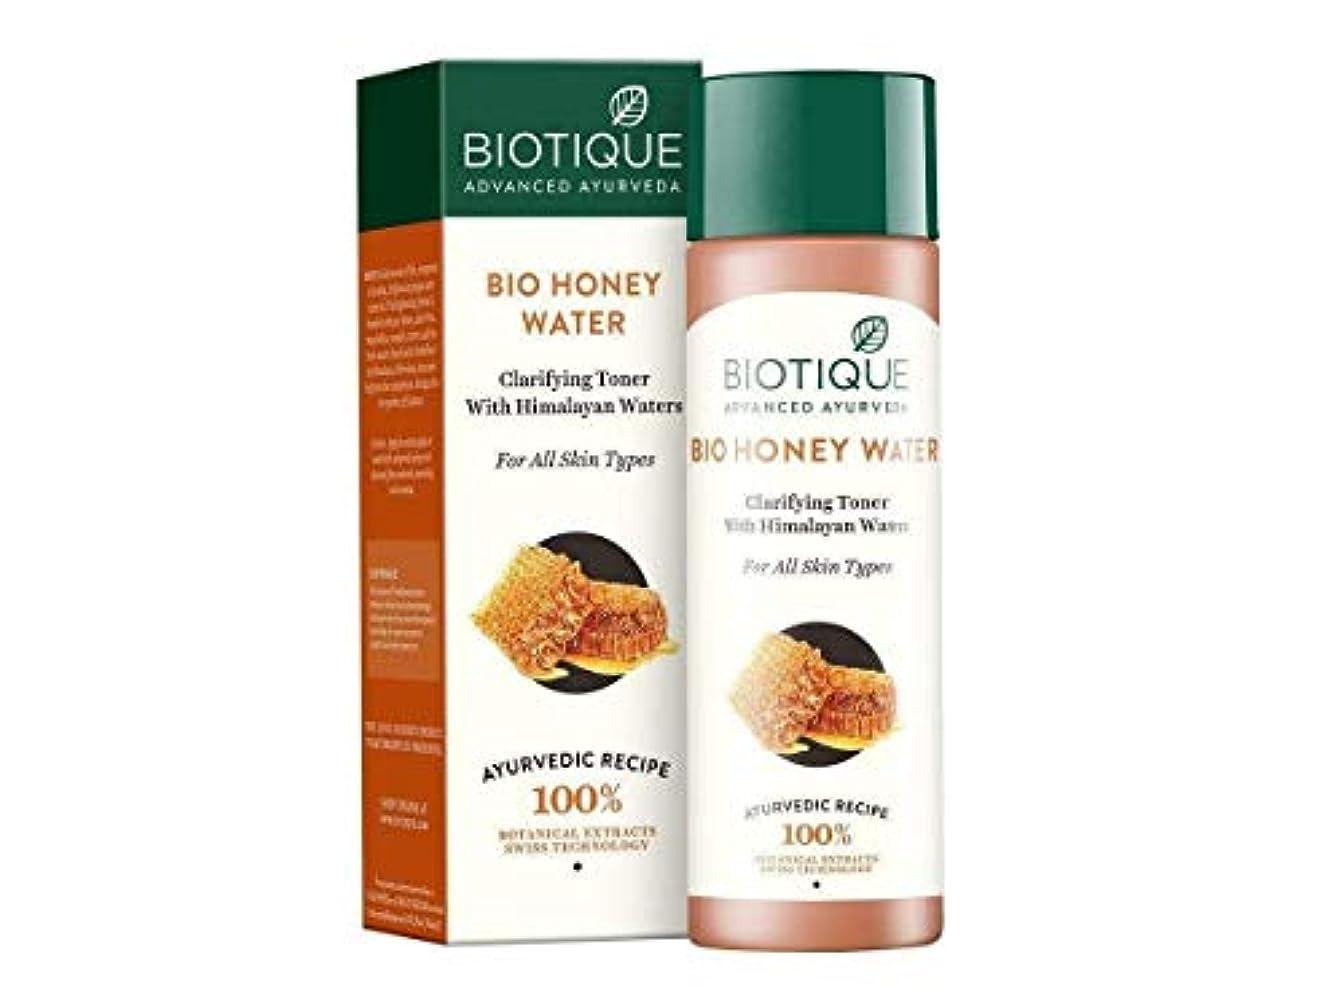 お酢有料雪だるまBiotique Bio Honey Water Clarifying Toner, 120ml Brings skin perfect pH balance Biotiqueバイオハニーウォータークラリファニングトナー...